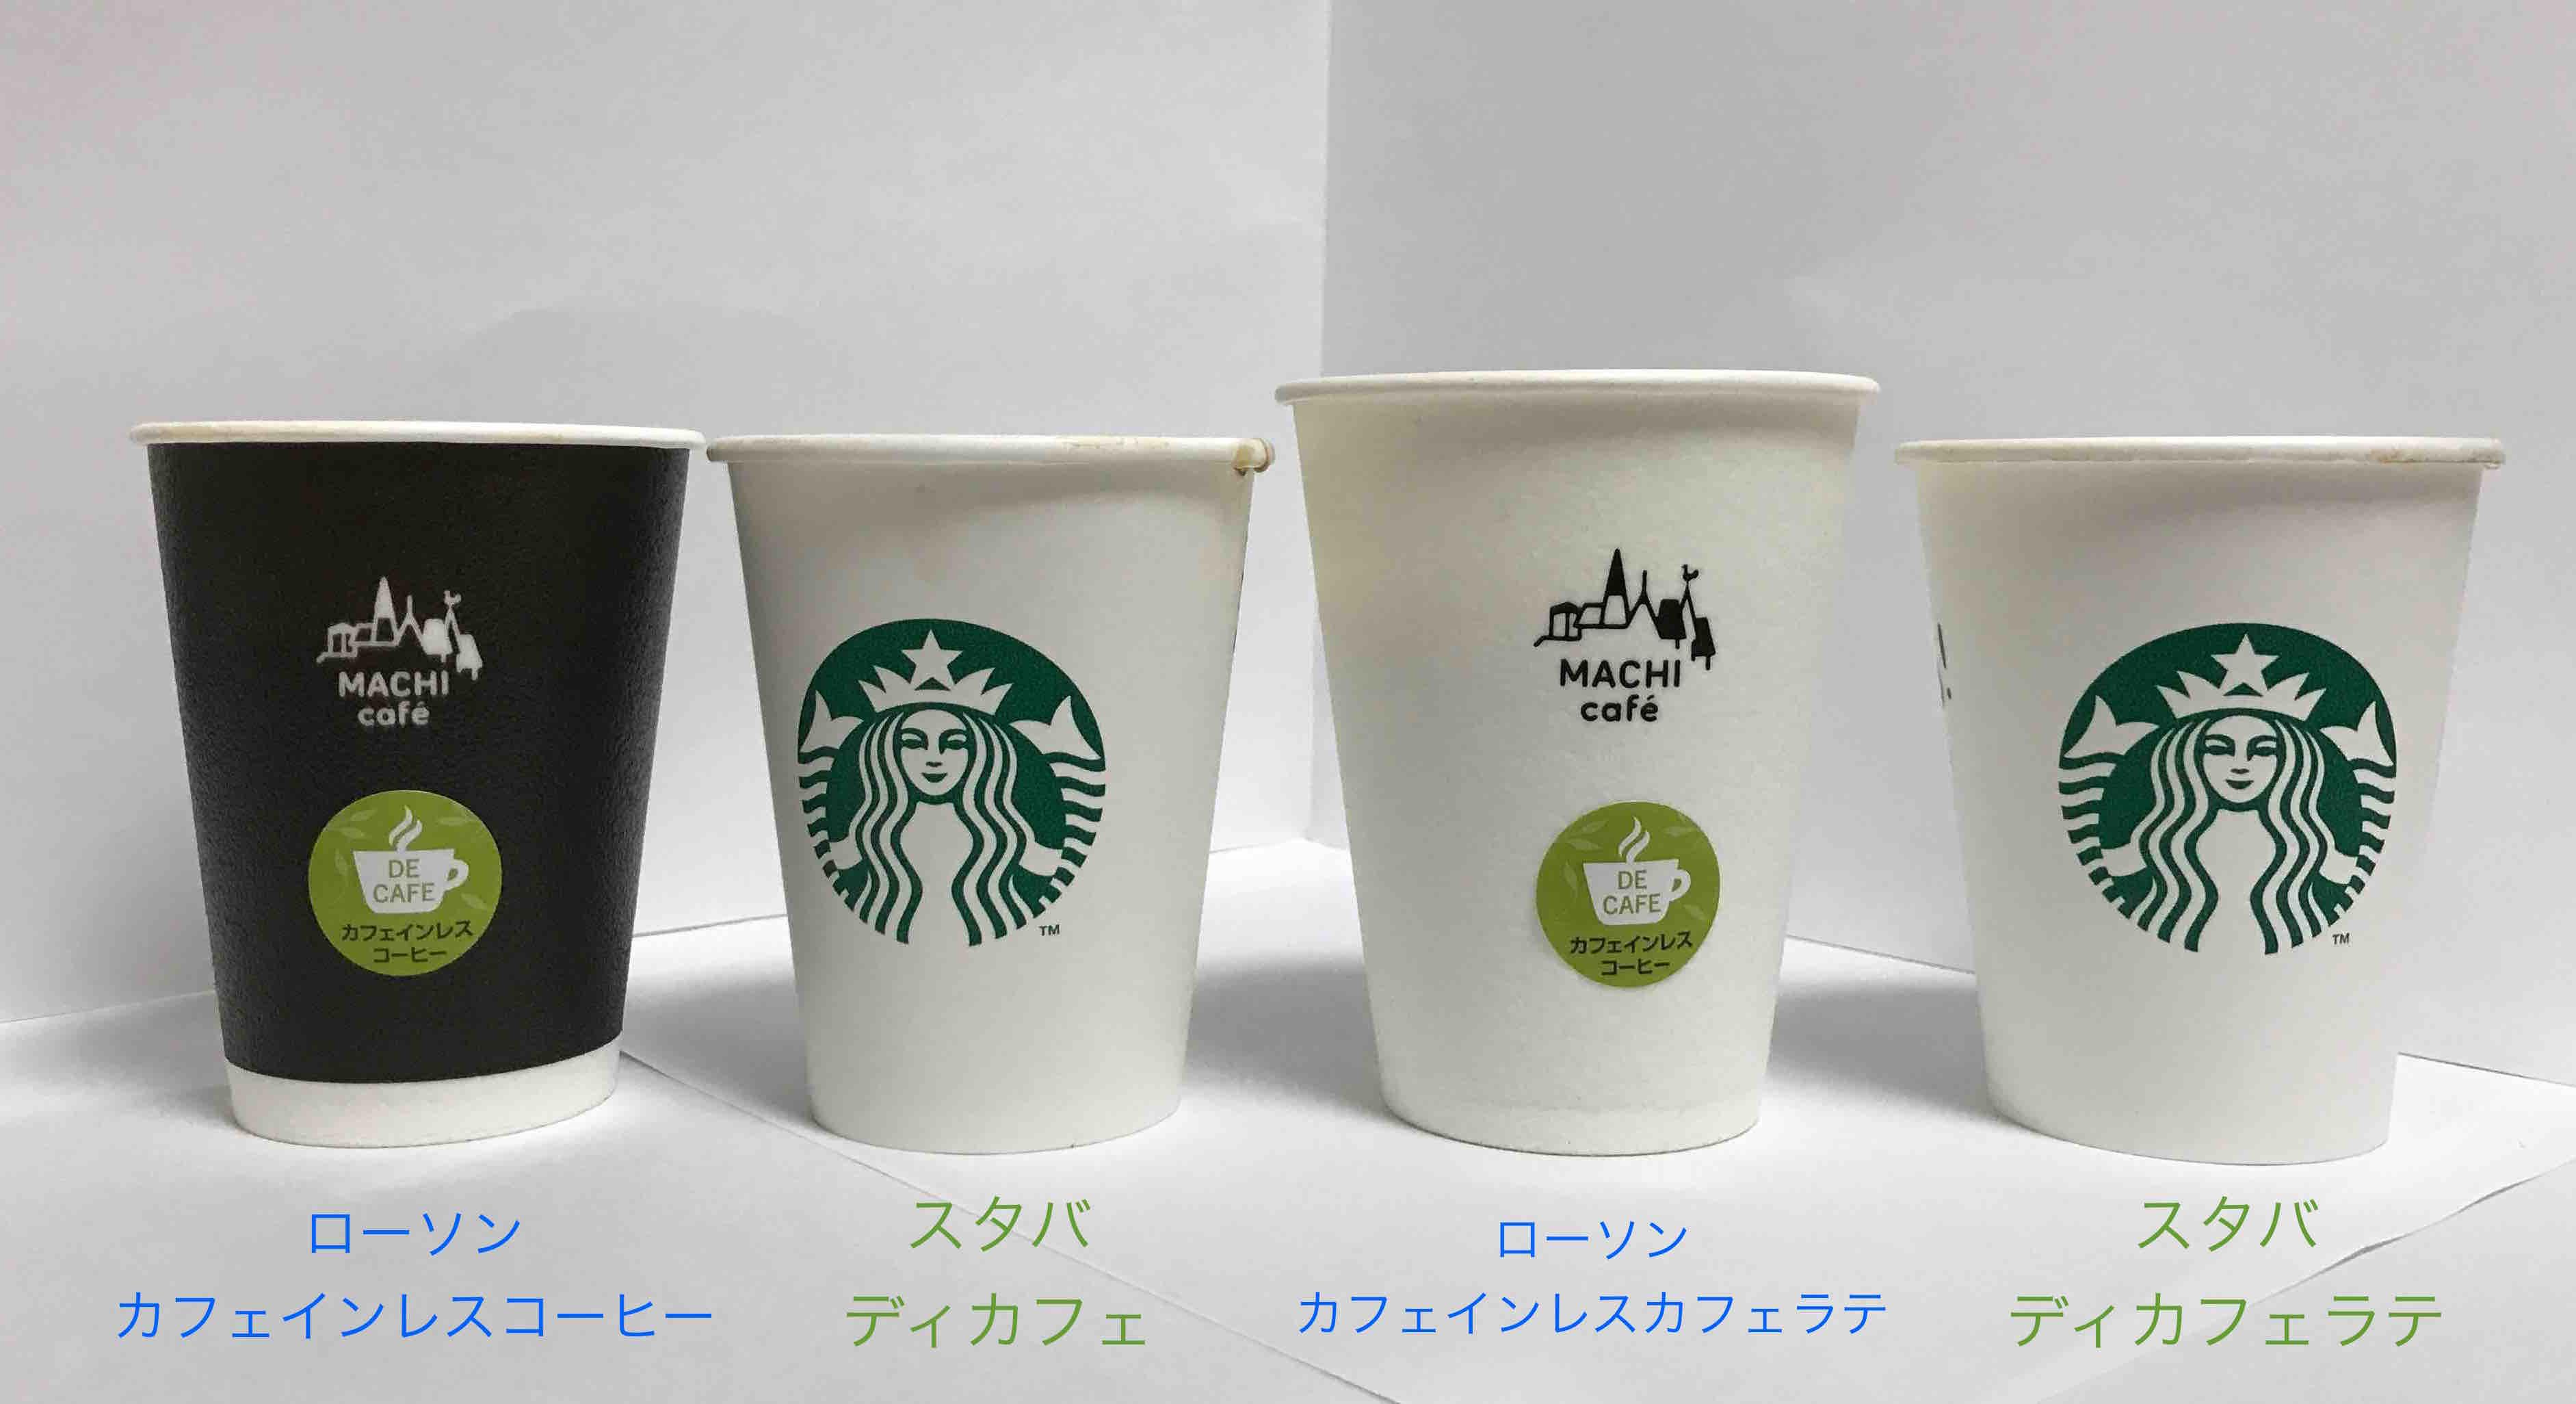 イン レス カフェ スタバ カフェインレスコーヒー人気ランキング17選!おすすめのインスタントなどを厳選!